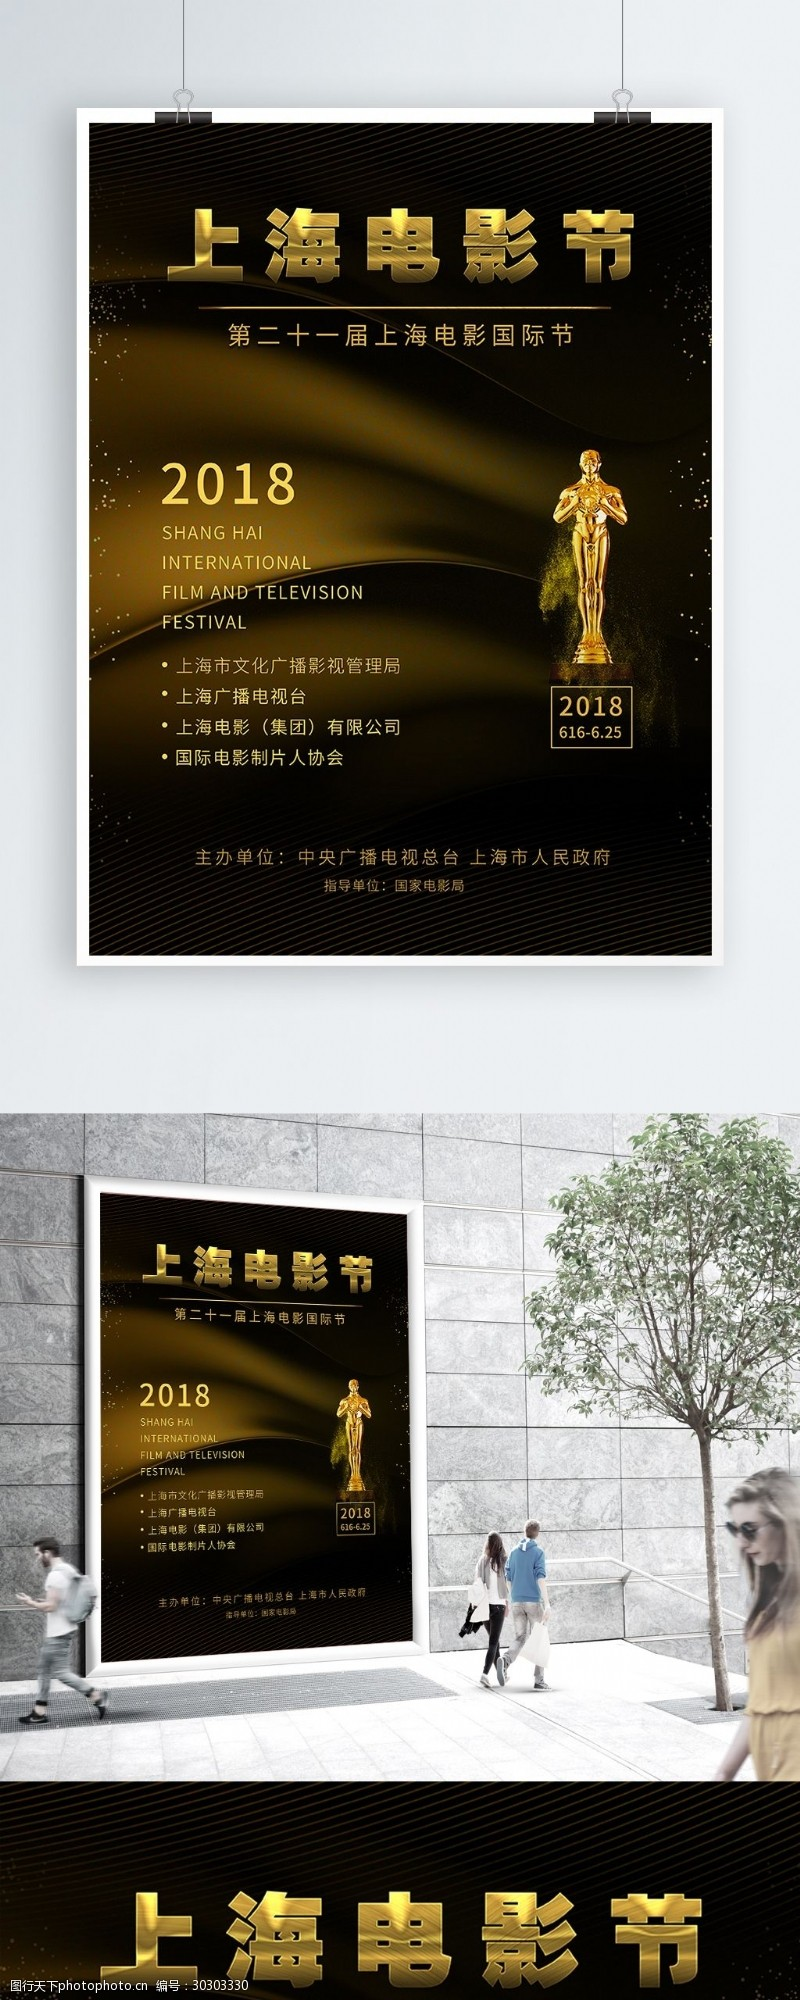 电视节上海电影节土豪金海报